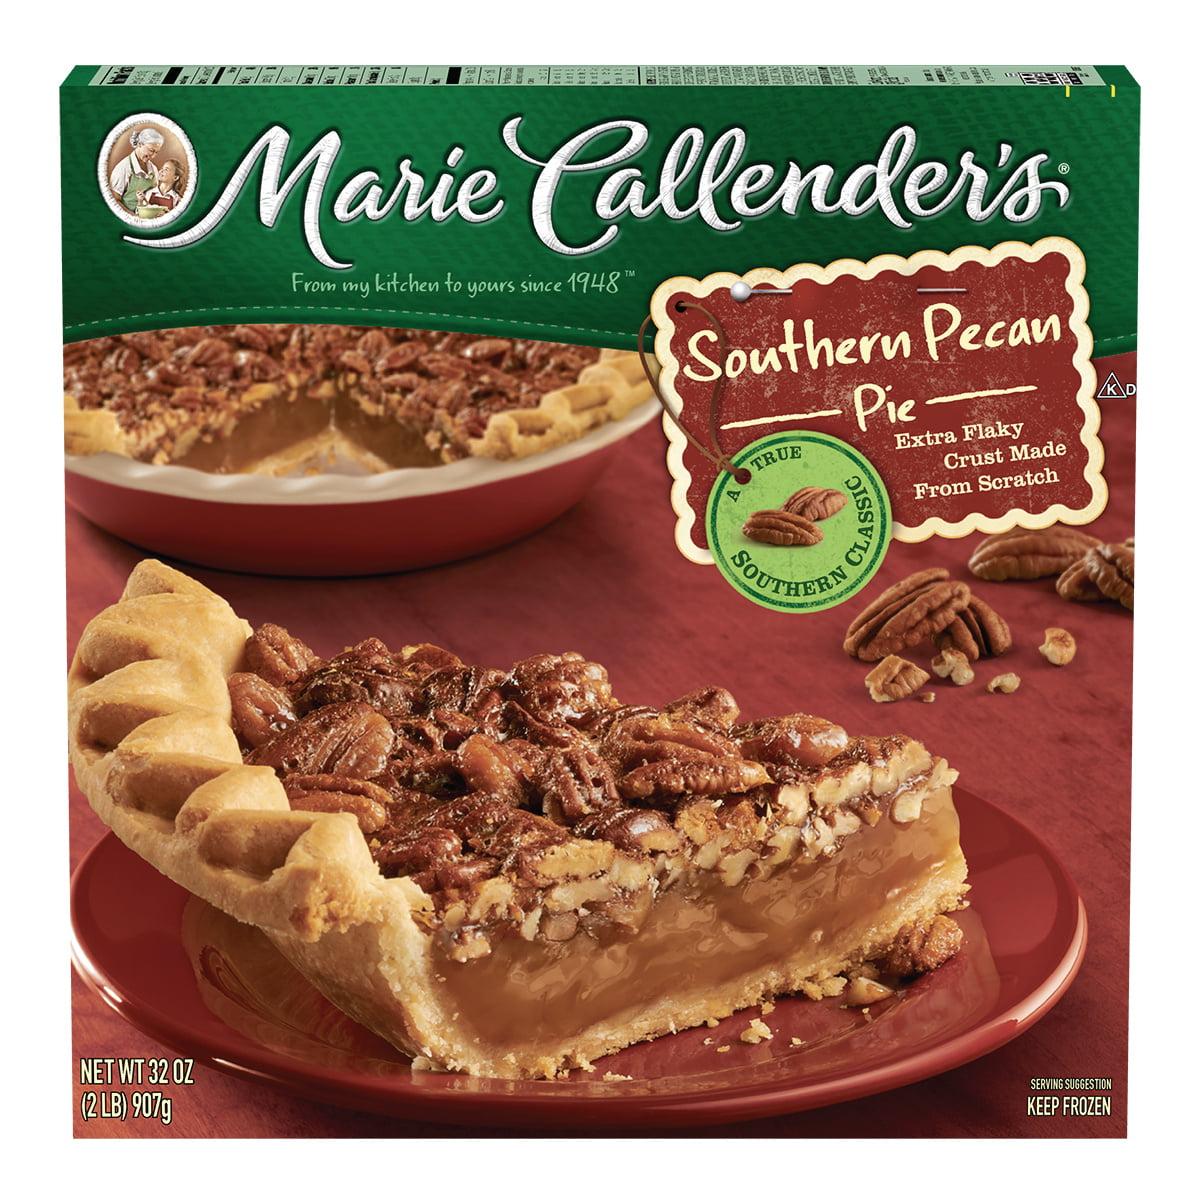 Freezer Pie: Marie Callenders Frozen Pie Dessert Southern Pecan 32